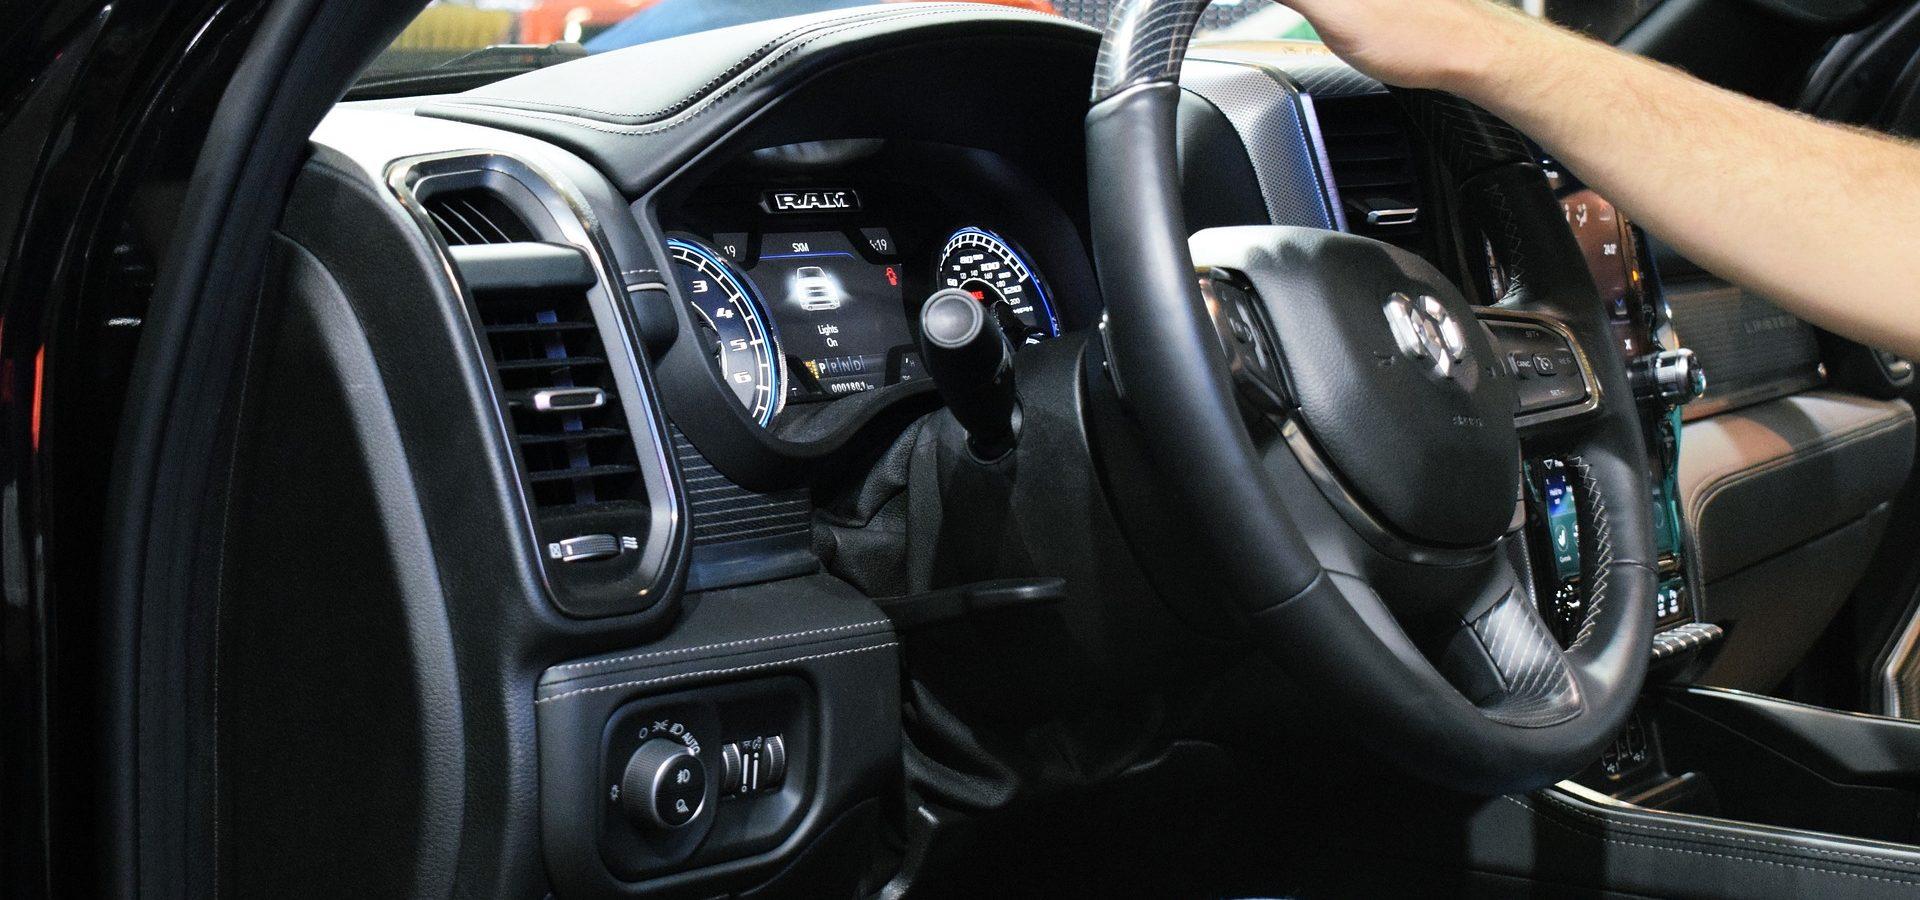 nieuwe Dodge Ram 1500